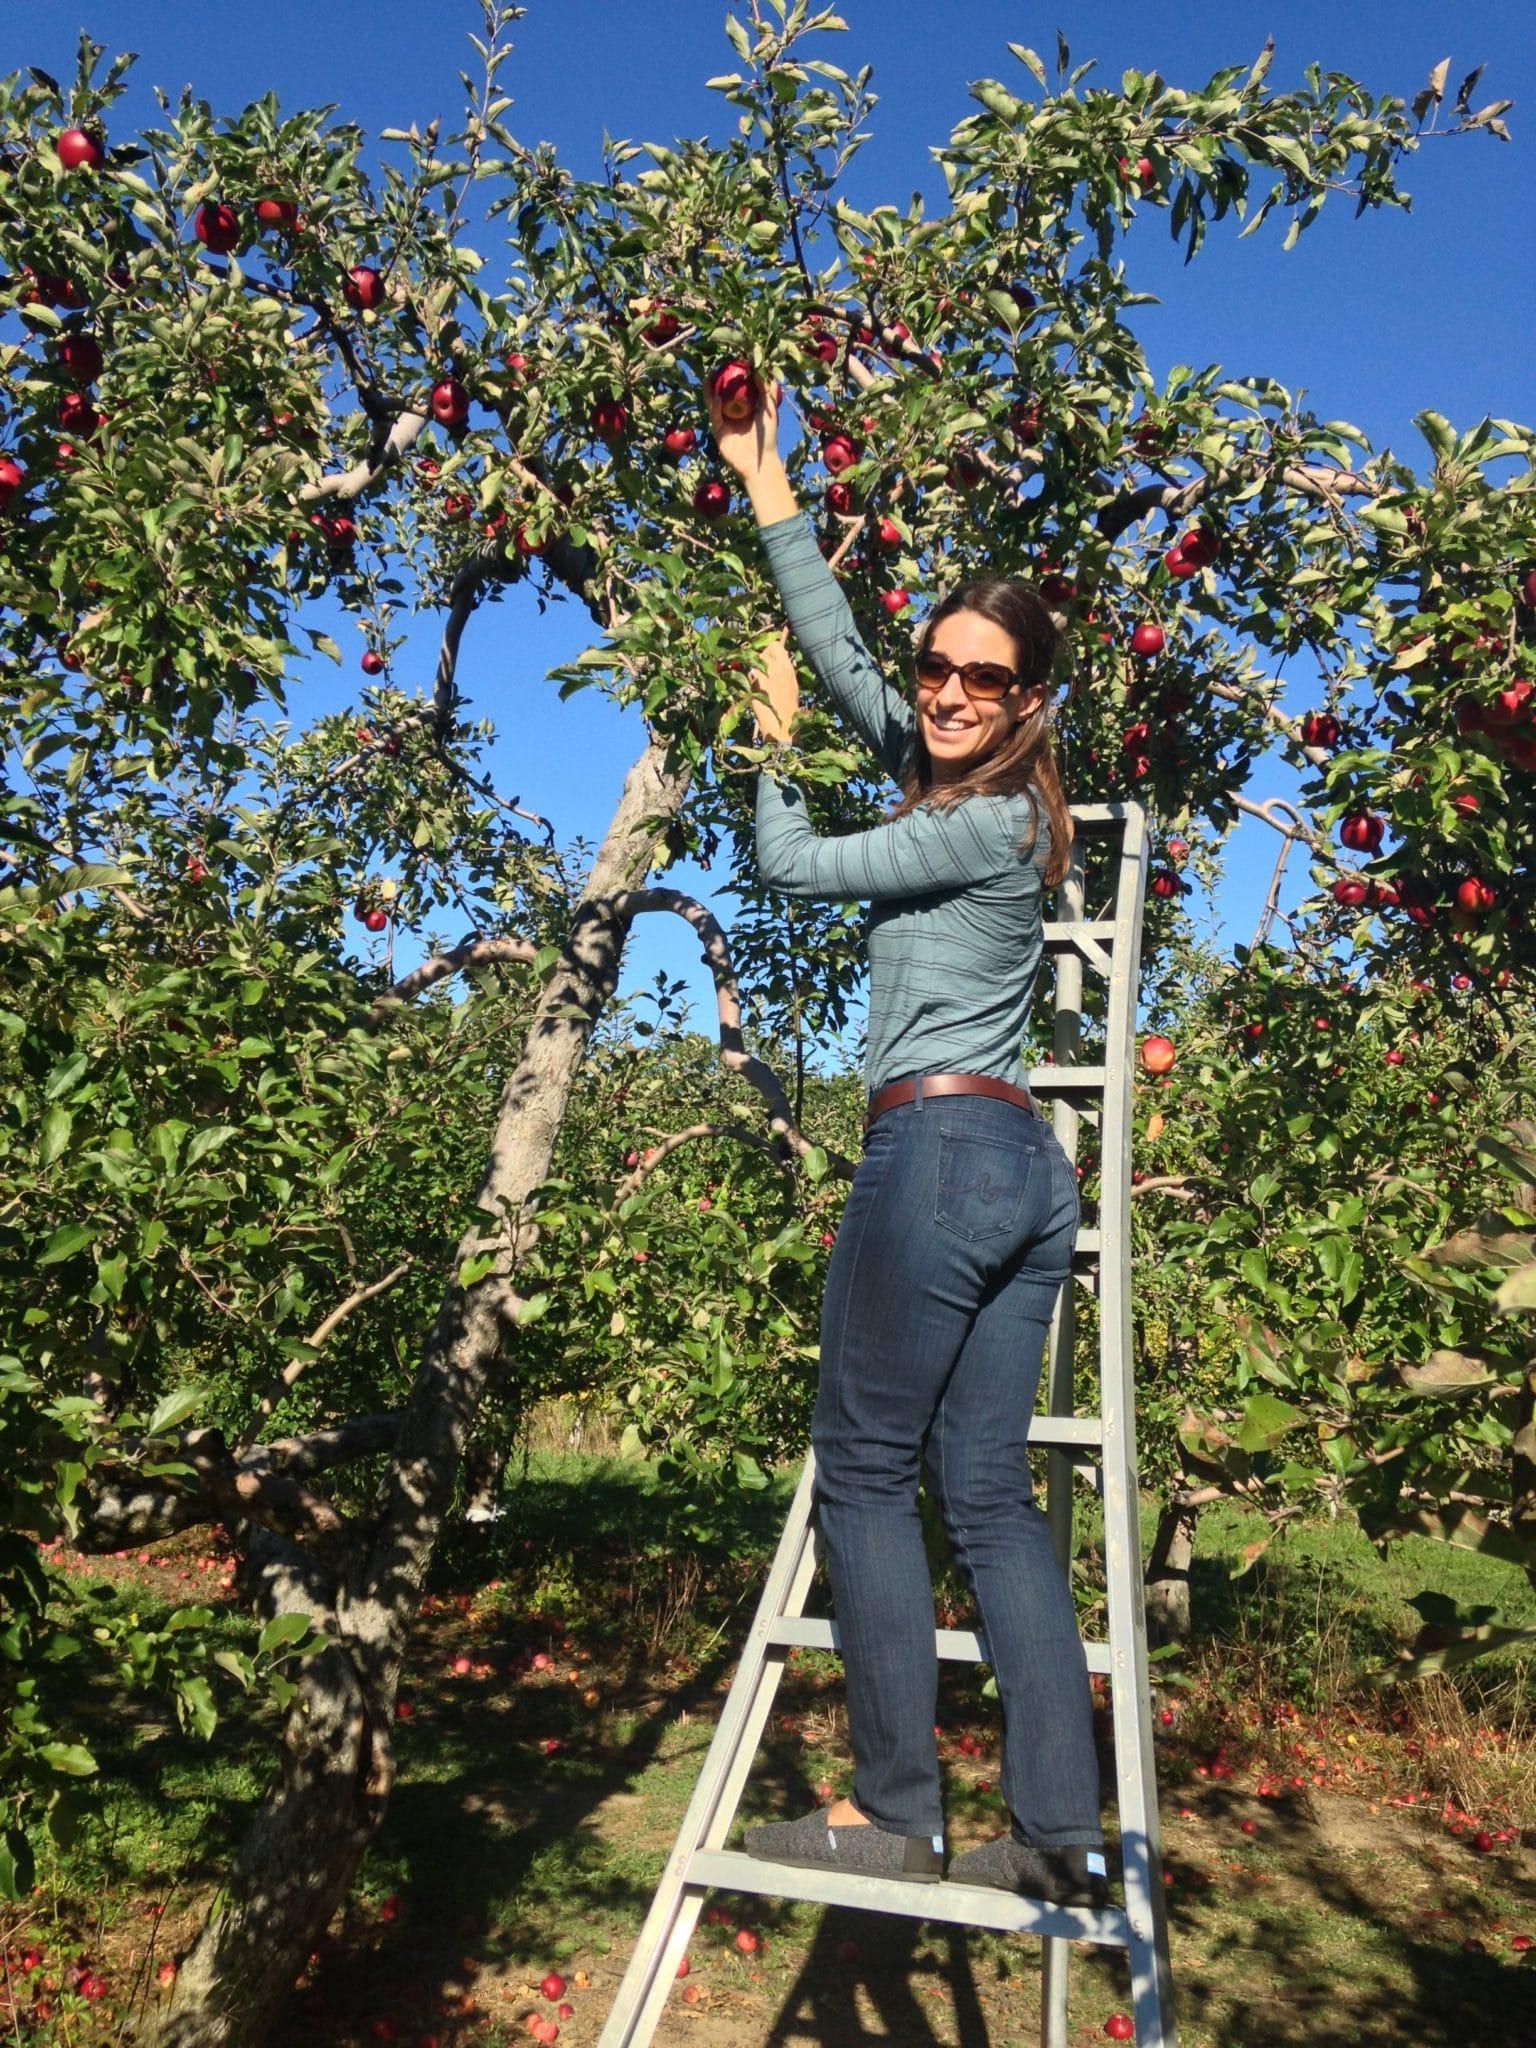 emily-picking-apples